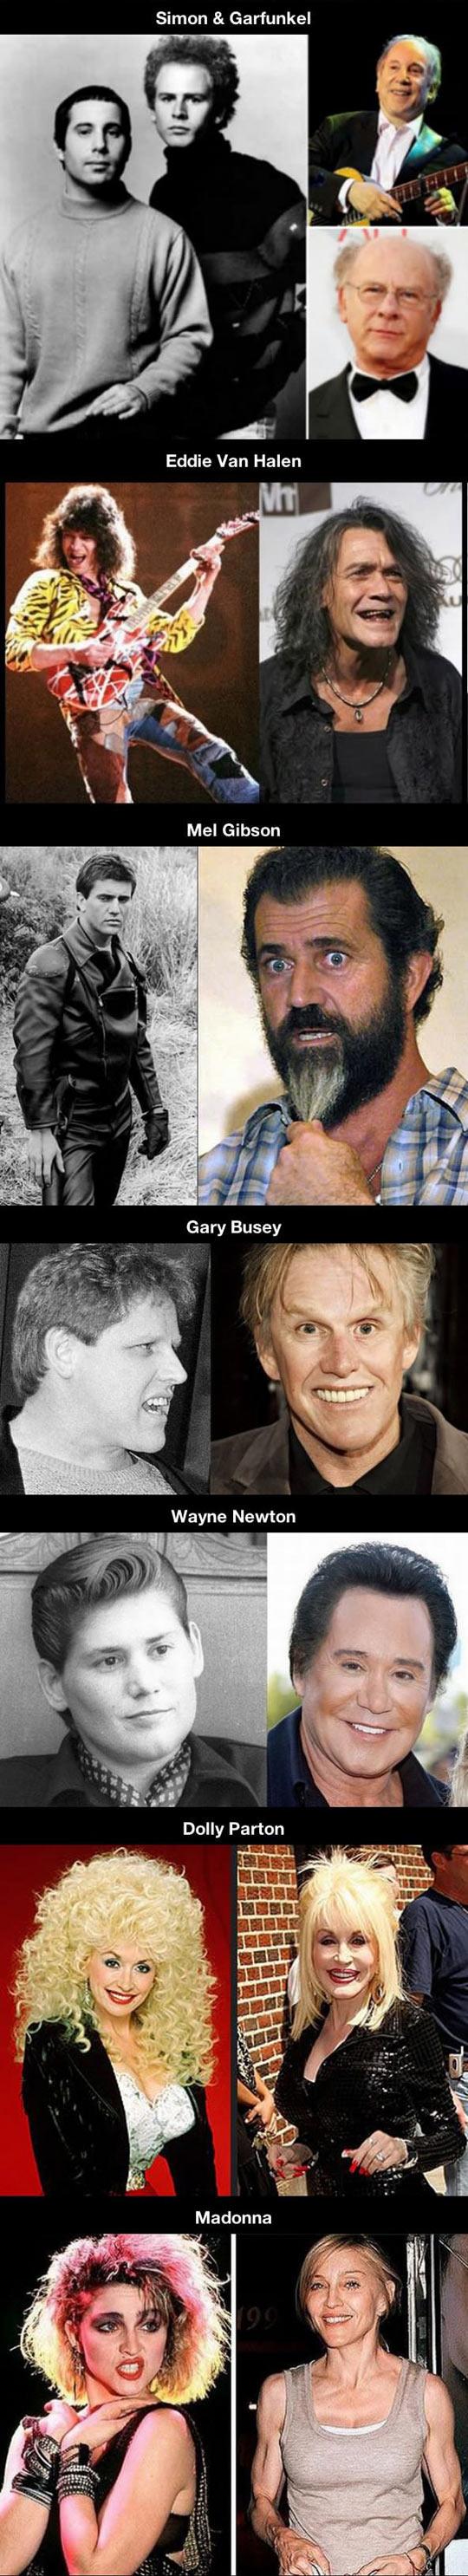 funny-Mel-Gibson-Dolly-Parton